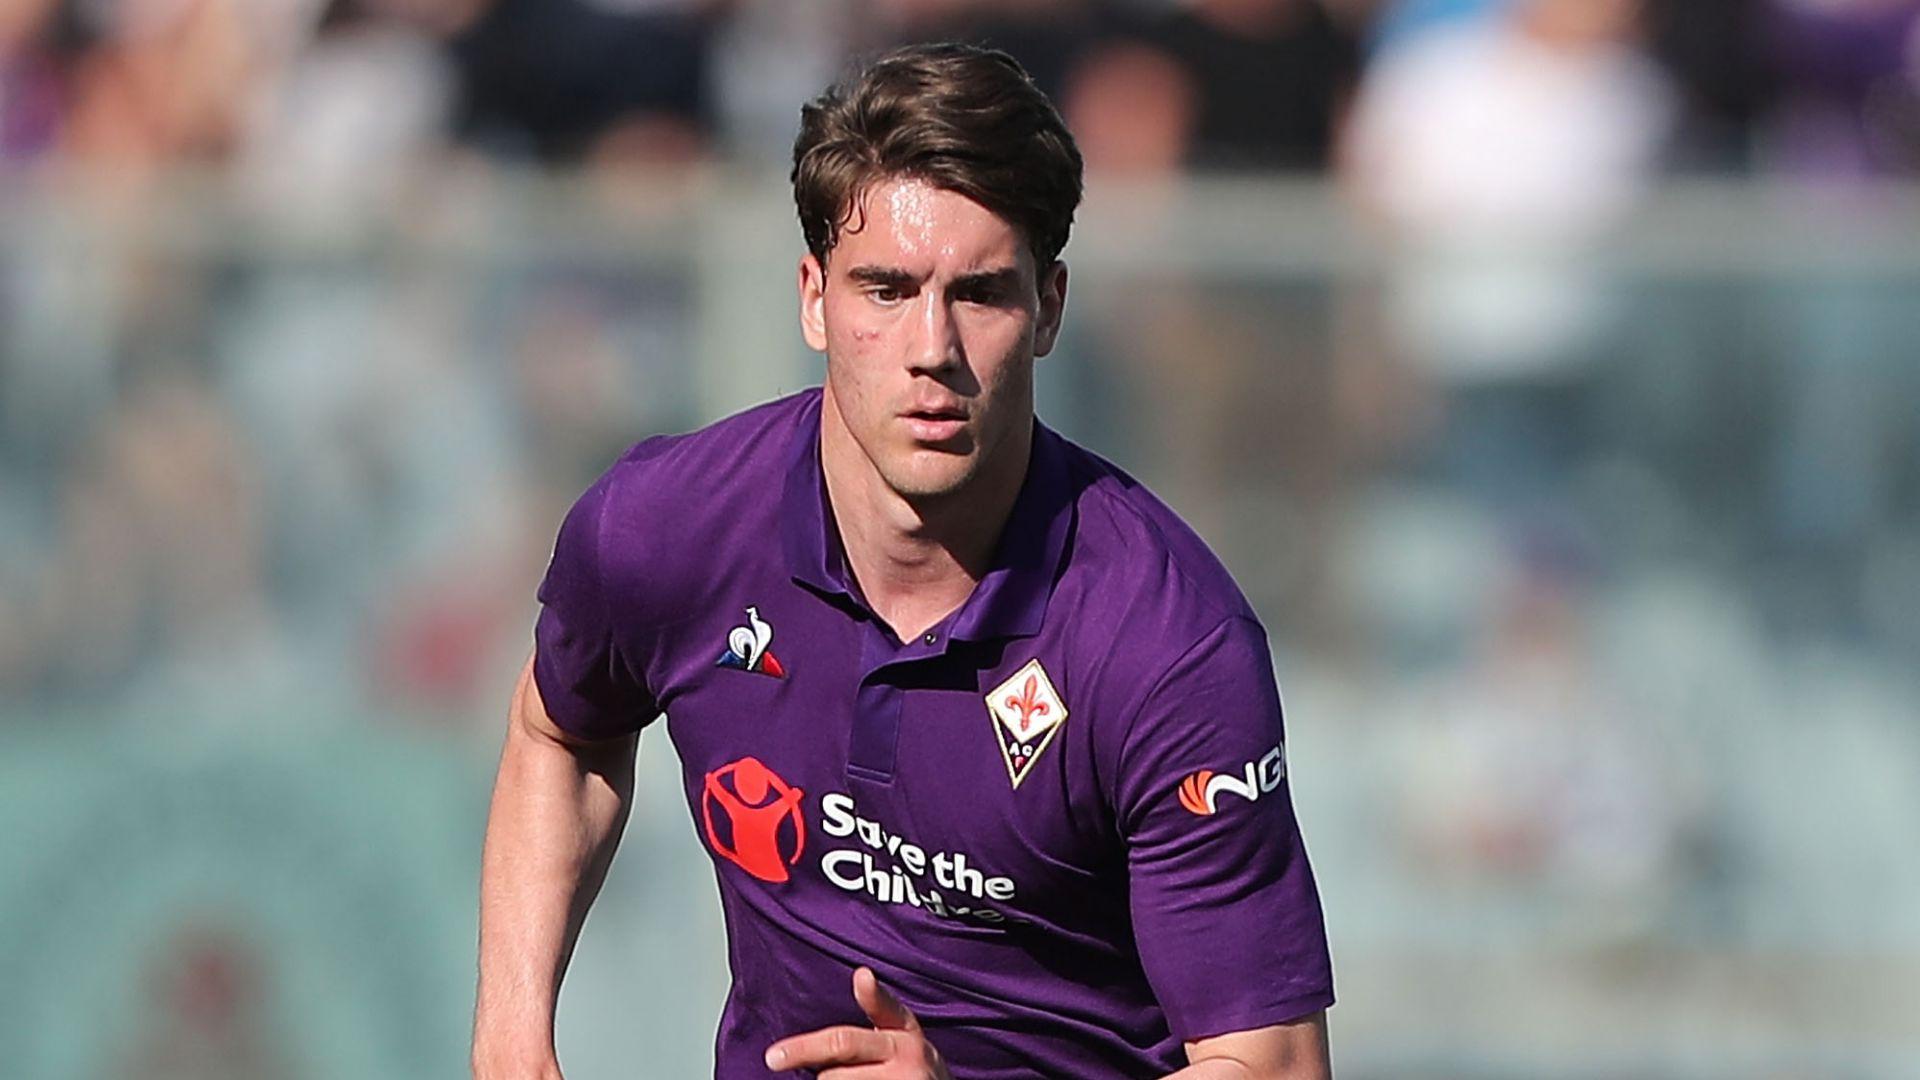 Coppa Italia Primavera, alla Fiorentina di Vlahovic il primo atto: Toro incornato